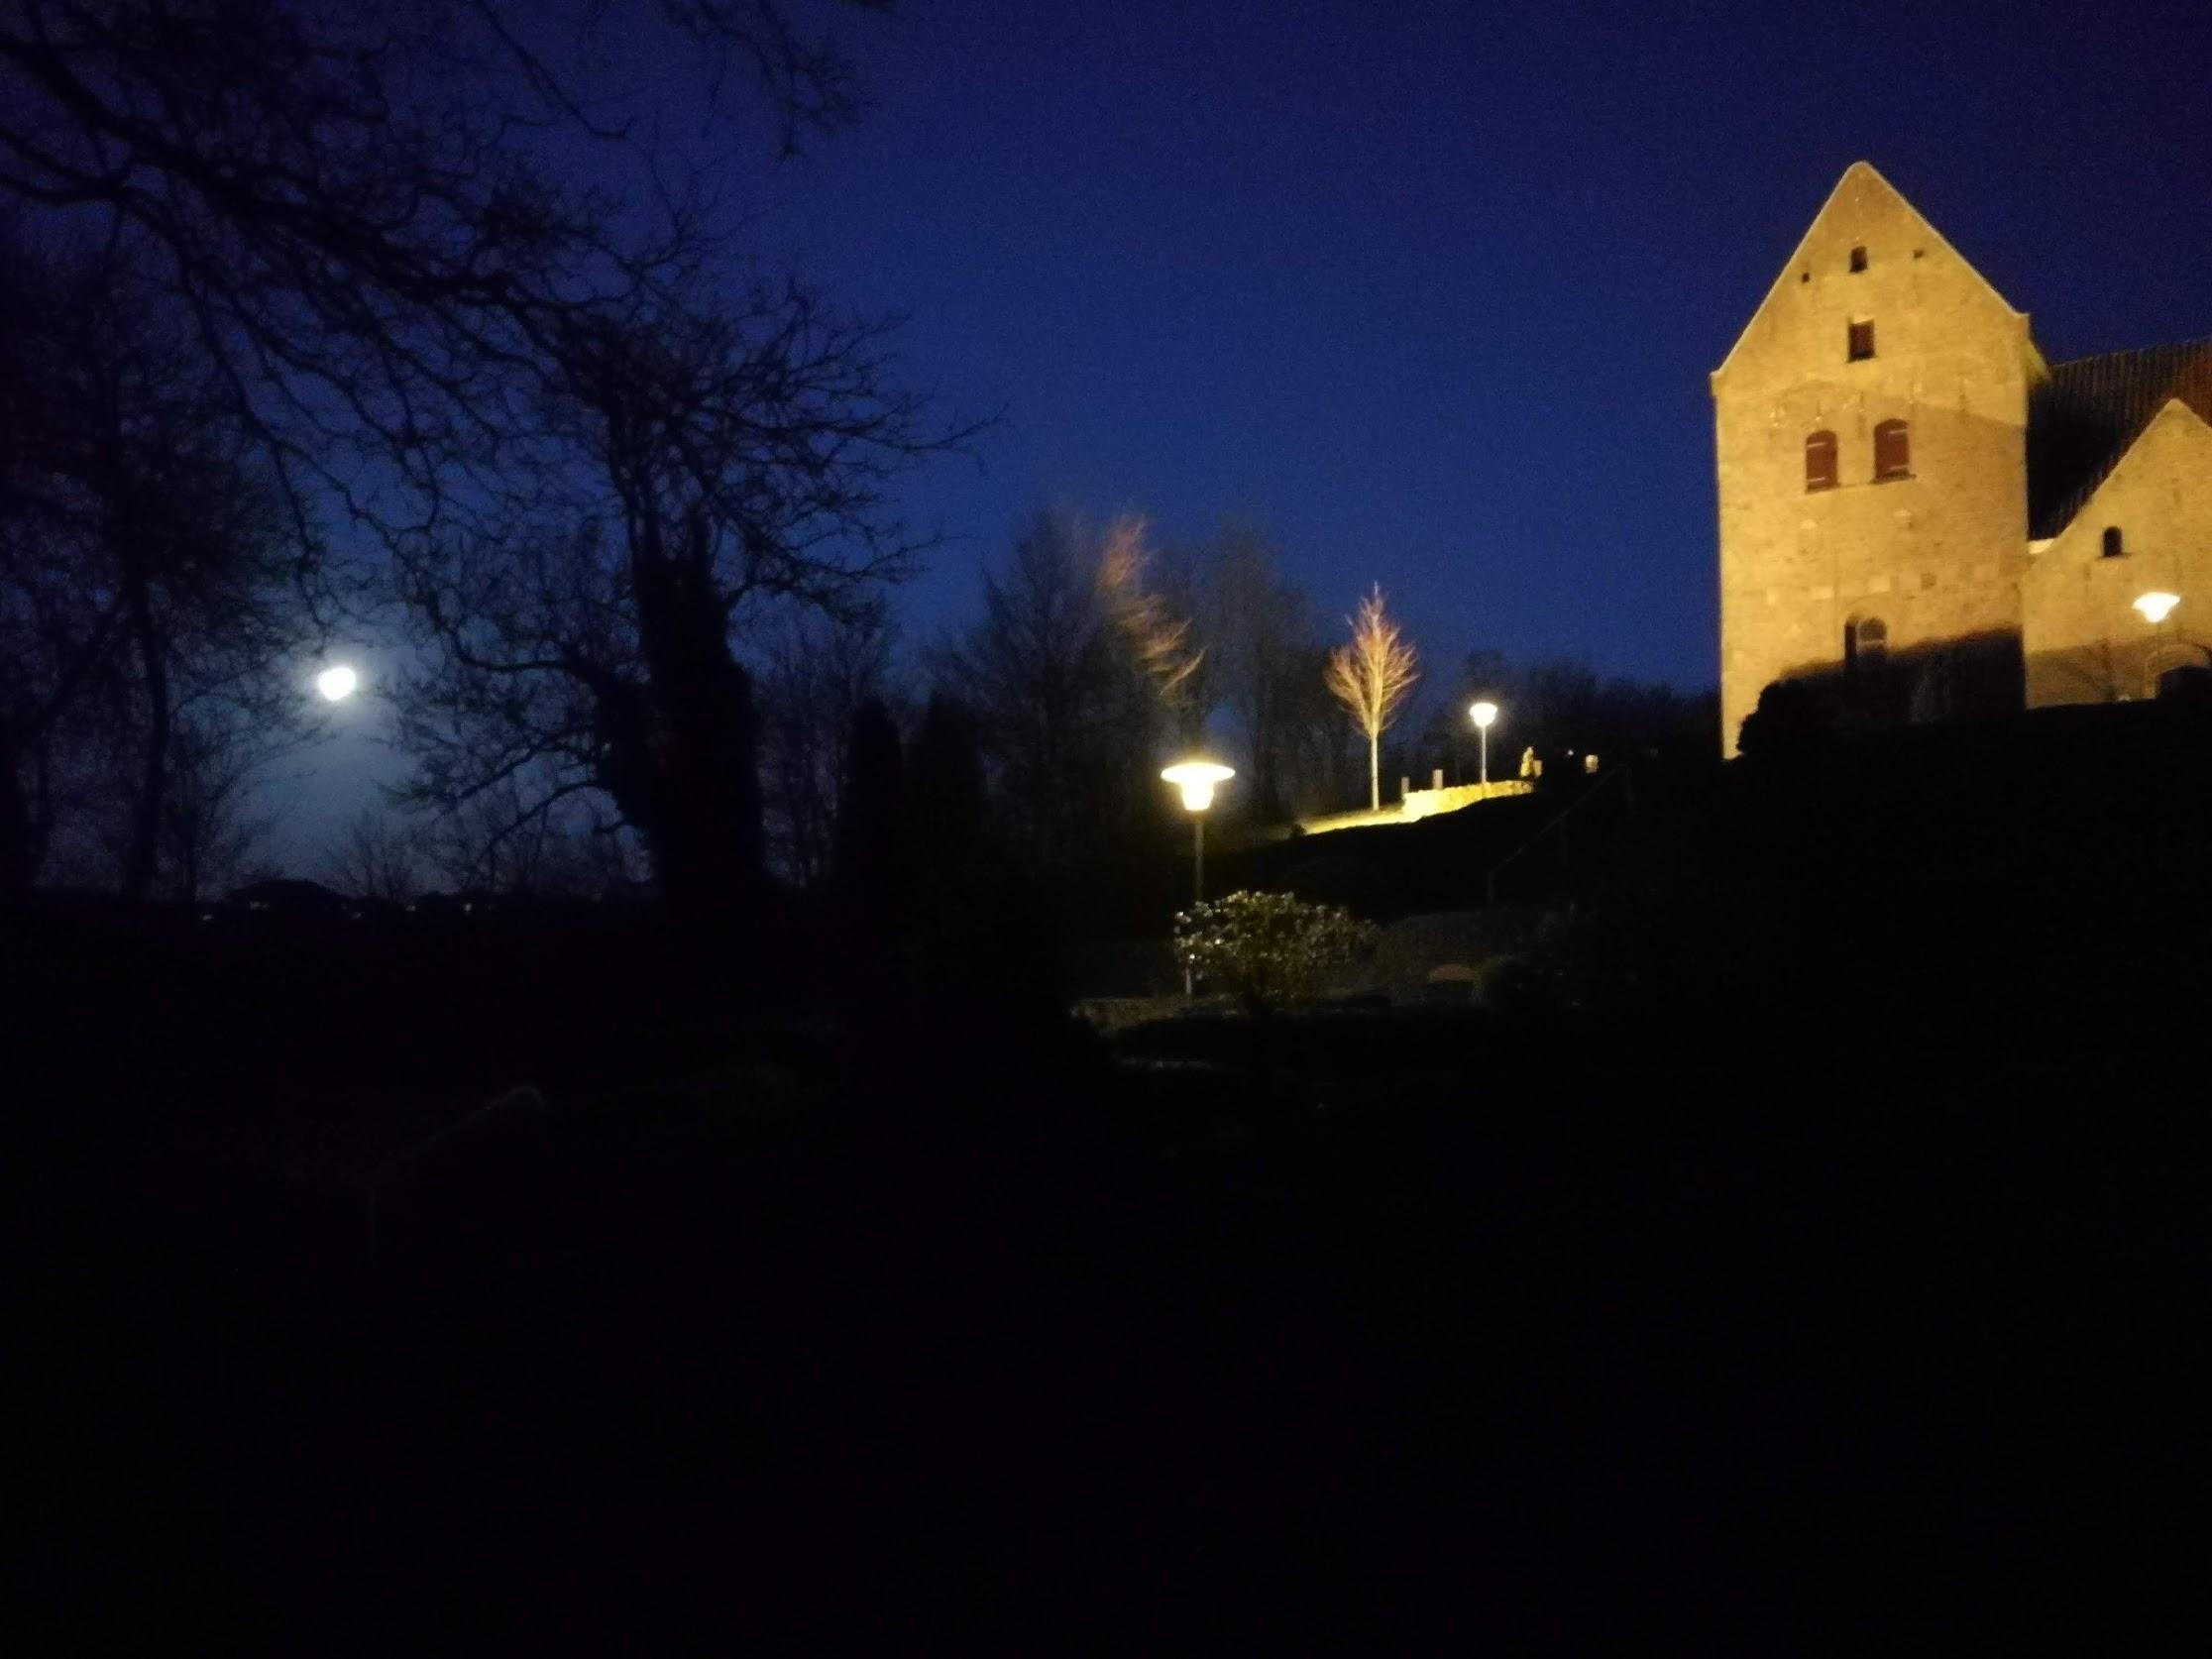 Mørke Kirke i mørke